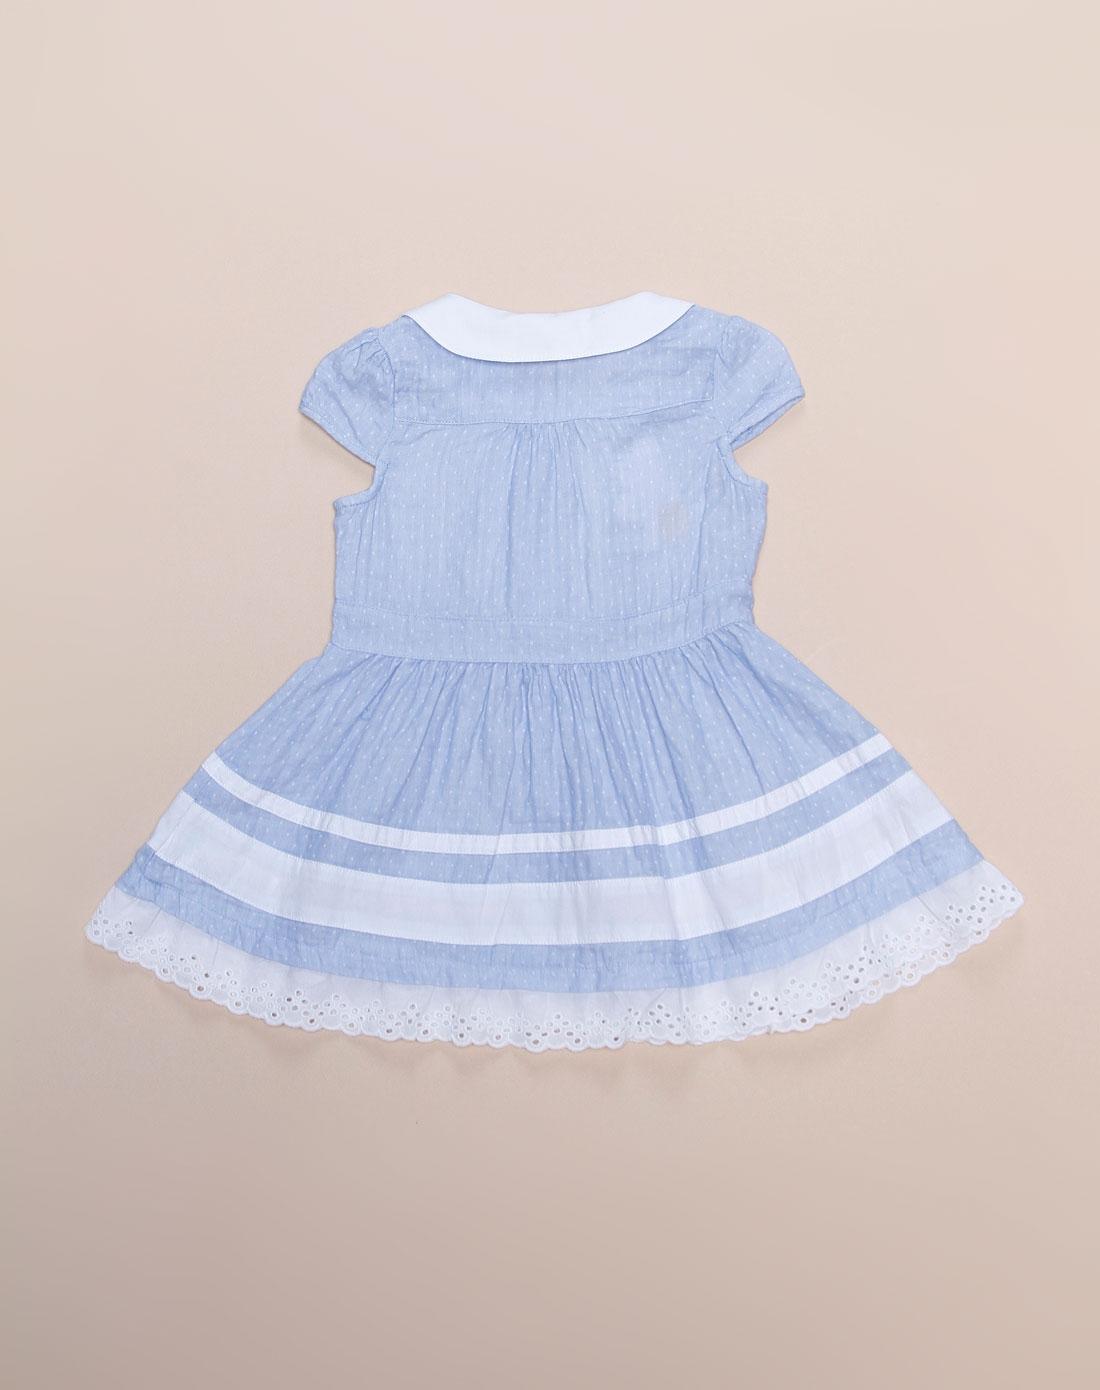 女幼童可爱公主粉蓝色短袖连衣裙